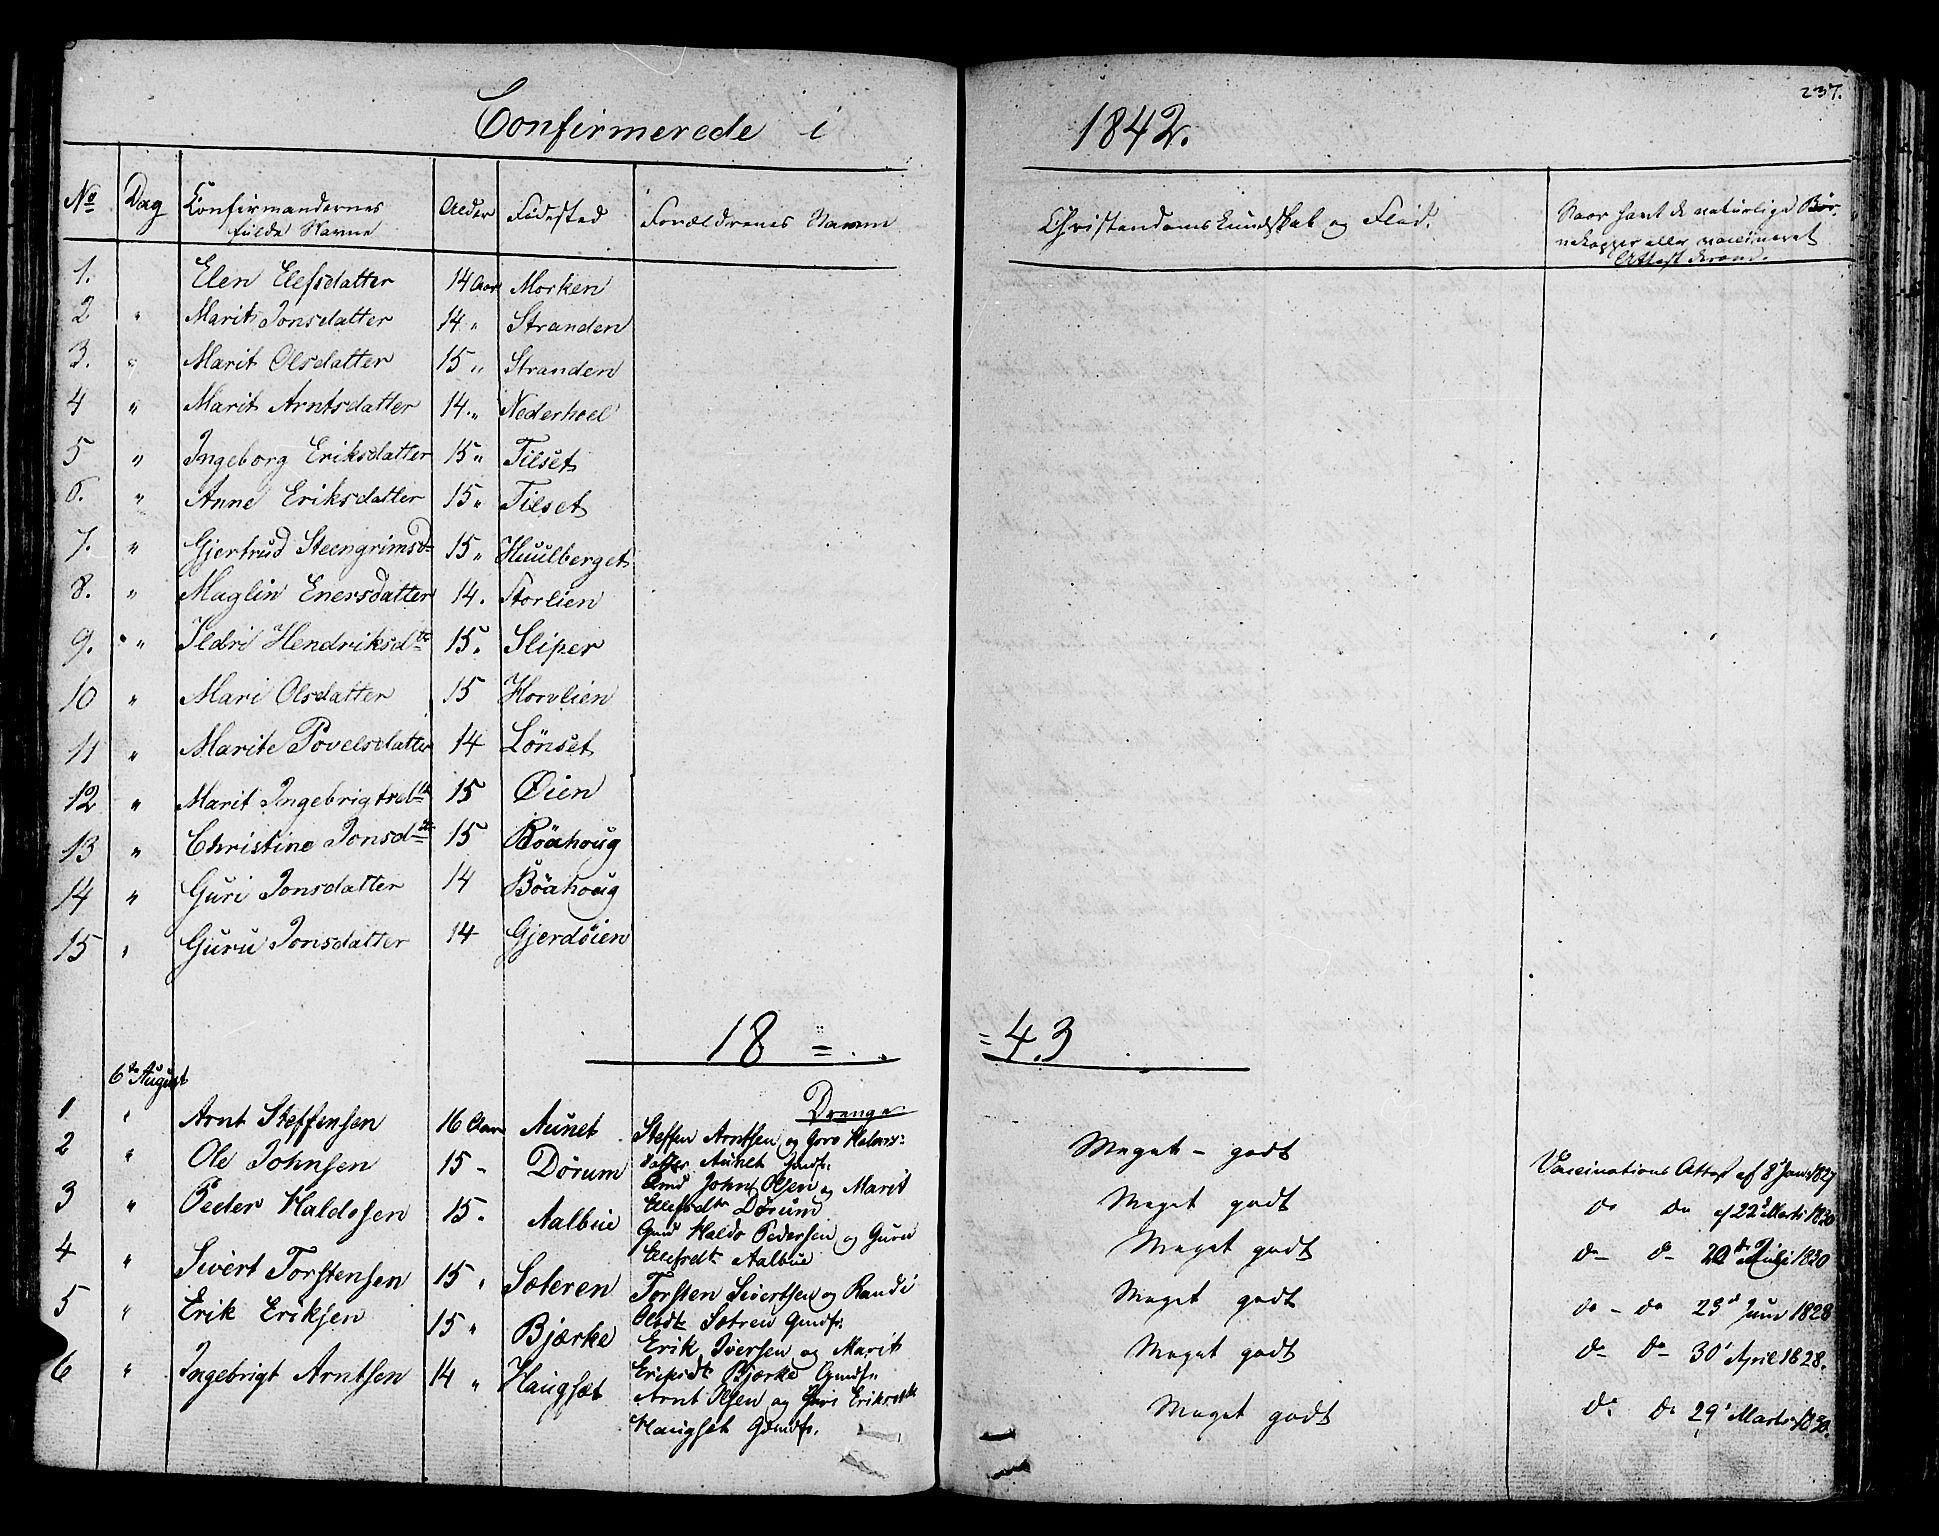 SAT, Ministerialprotokoller, klokkerbøker og fødselsregistre - Sør-Trøndelag, 678/L0897: Ministerialbok nr. 678A06-07, 1821-1847, s. 237